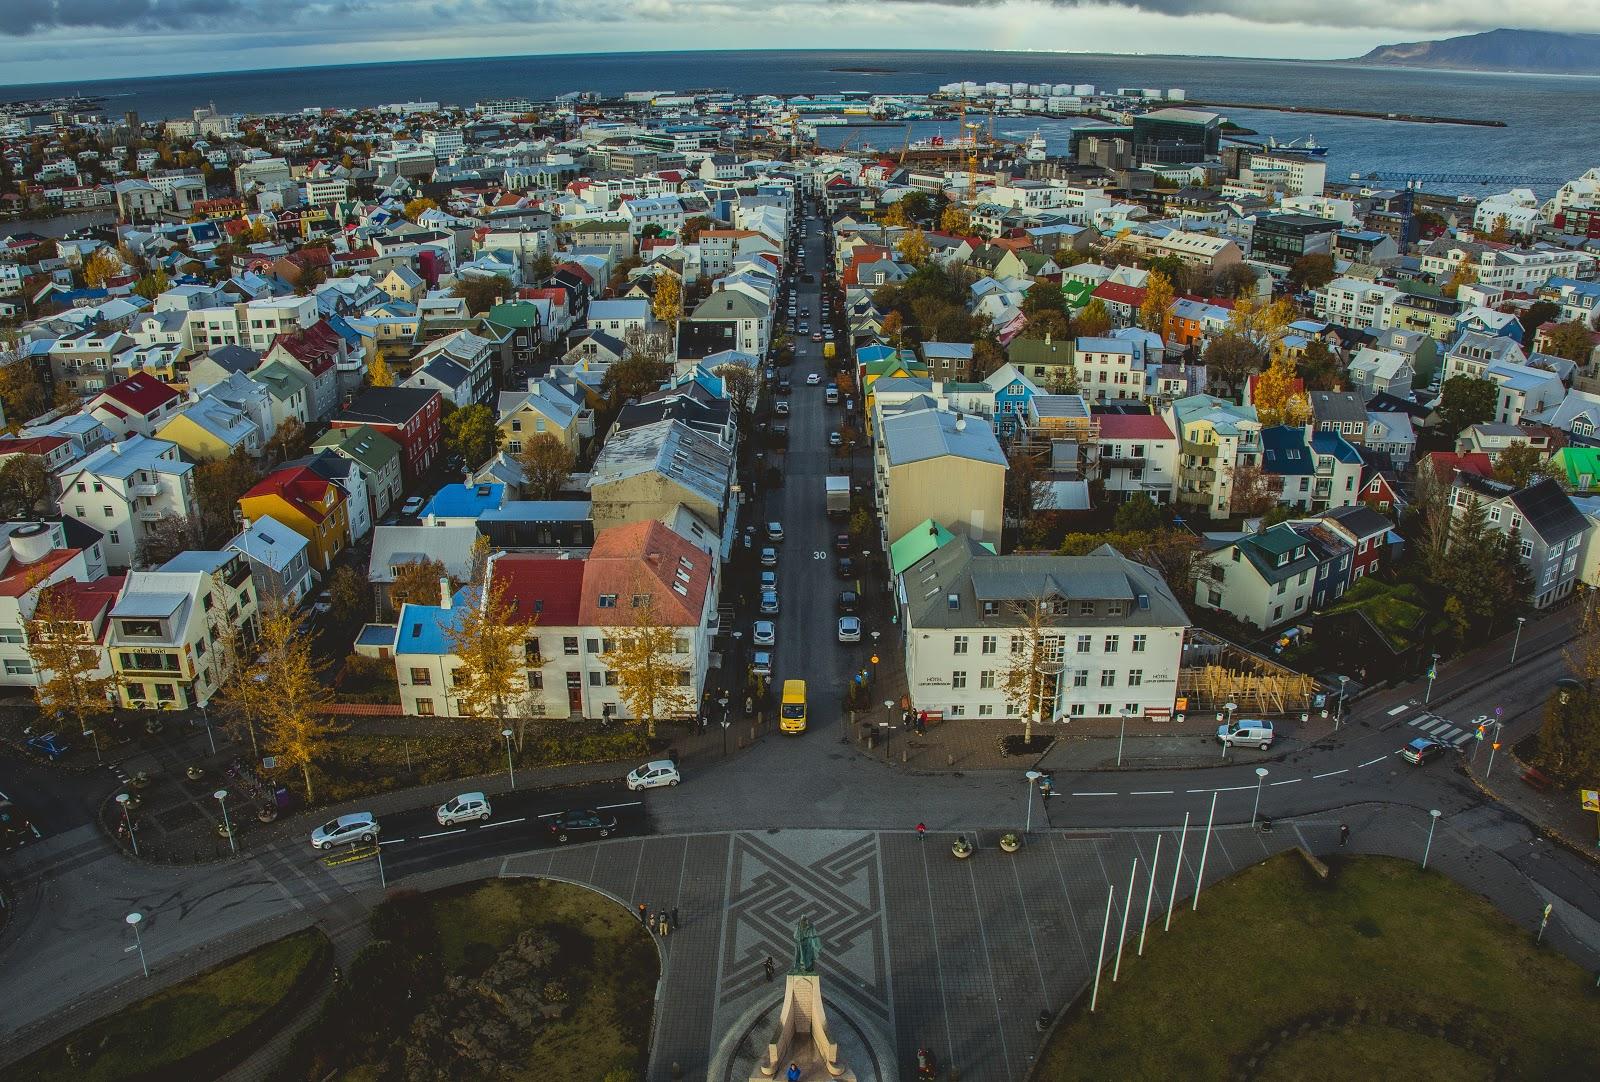 aerial view of reykjavik Iceland.